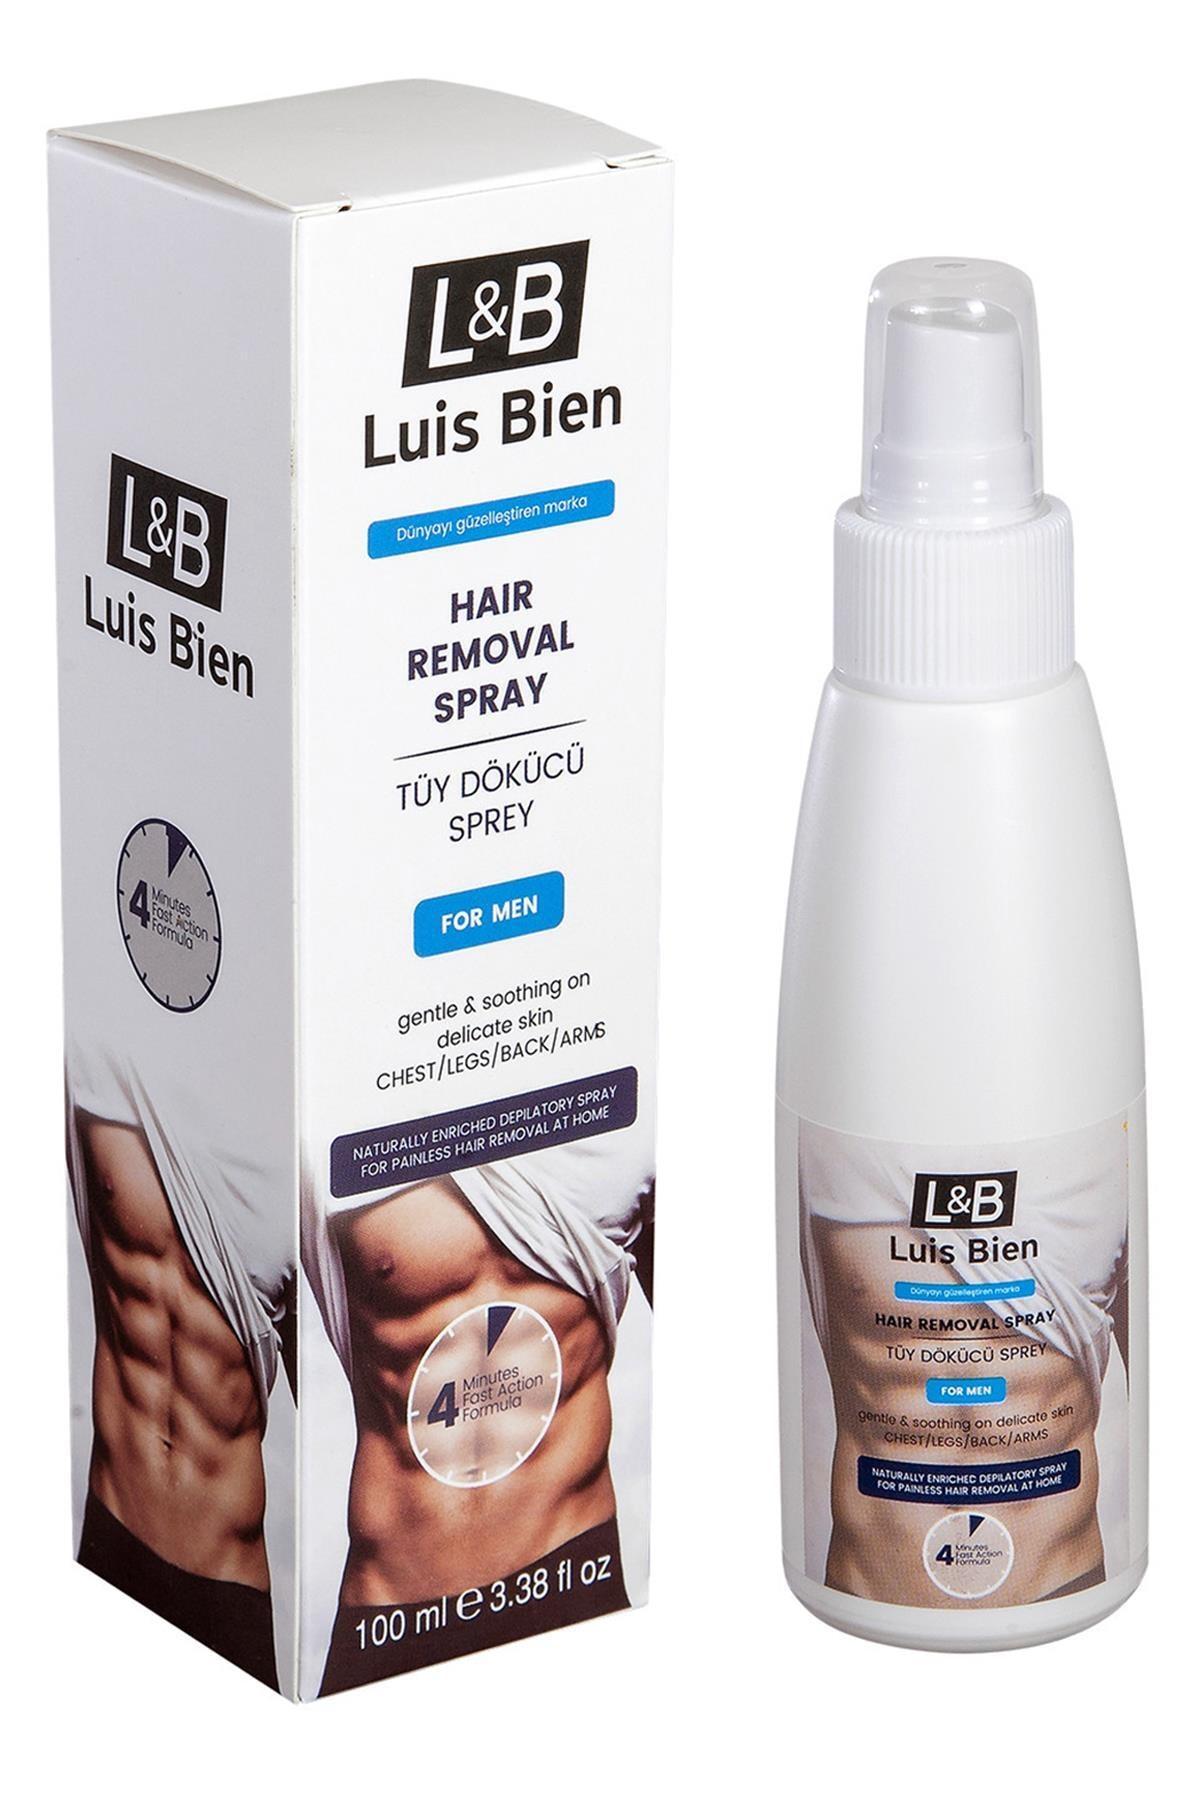 Luis Bien Erkekler için Tüy Dökücü Sprey 8681529831805